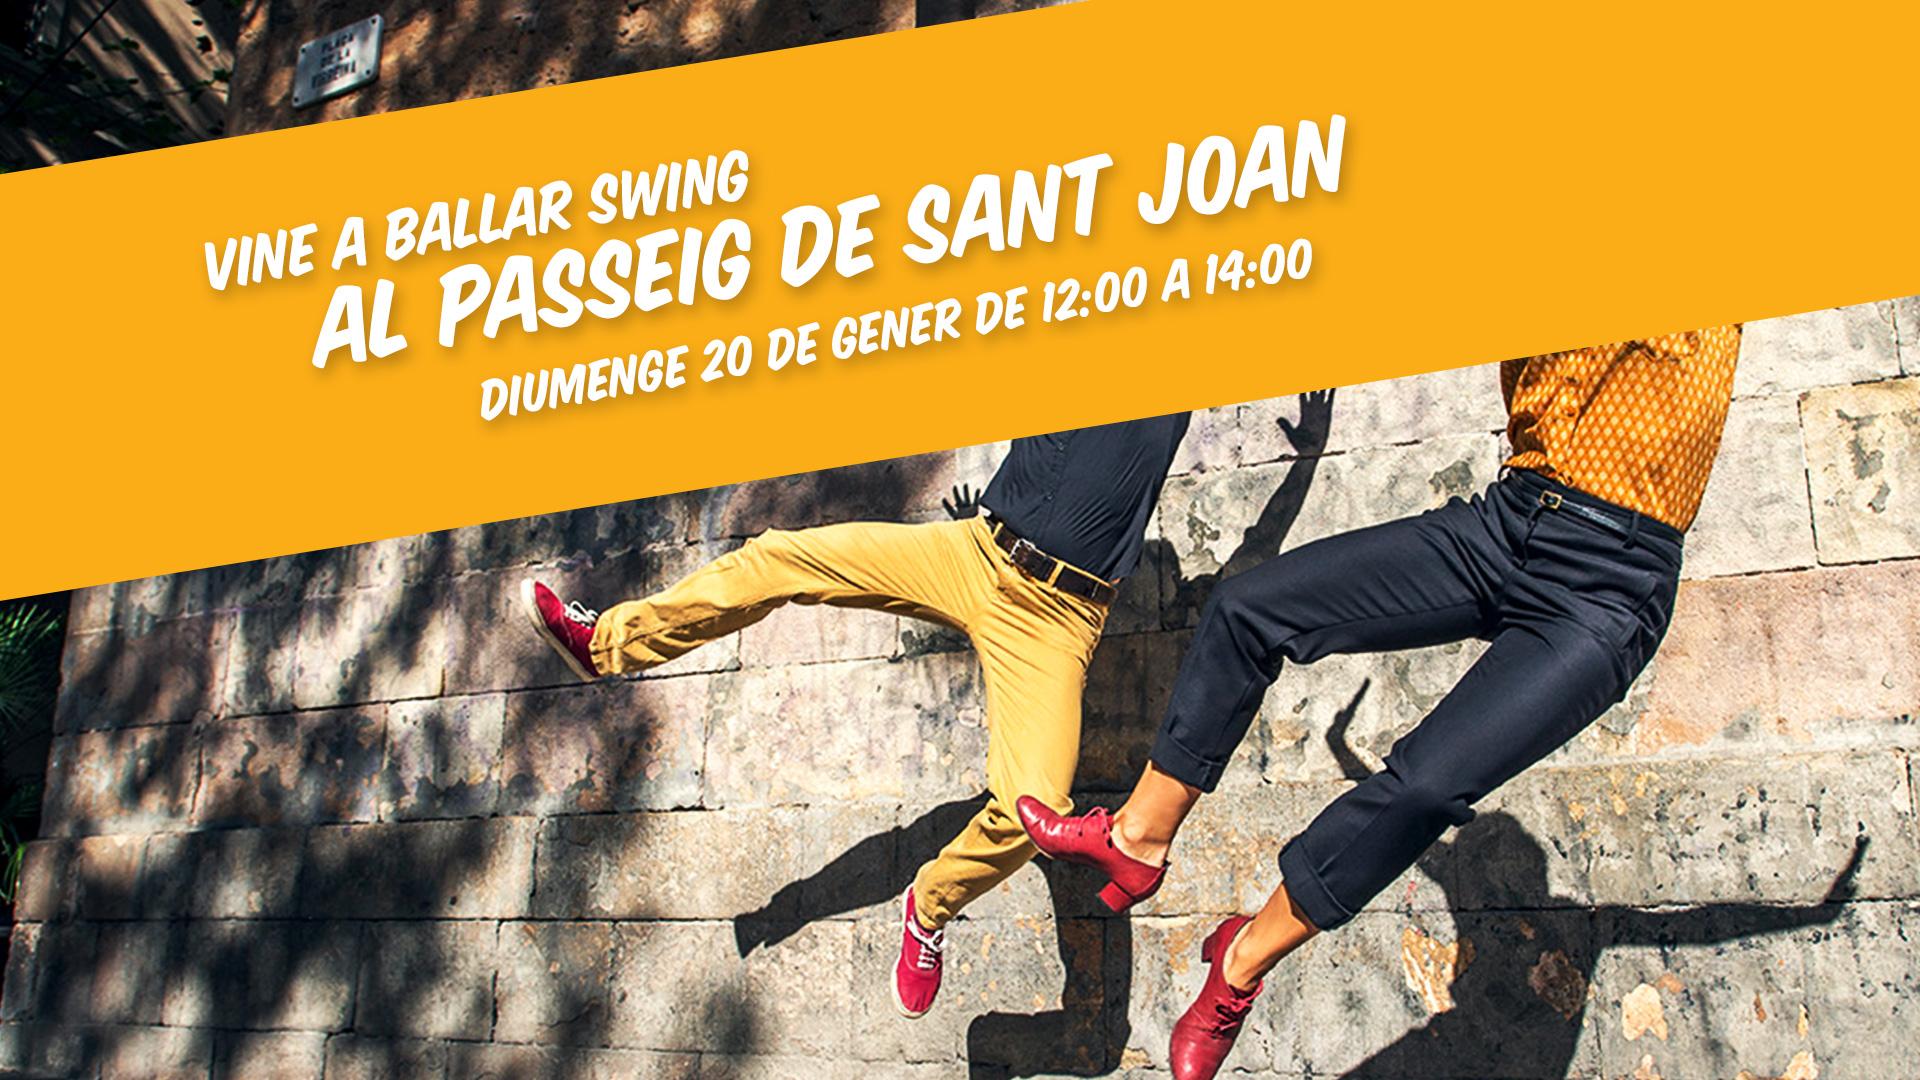 Ball al Passeig de Sant Joan!